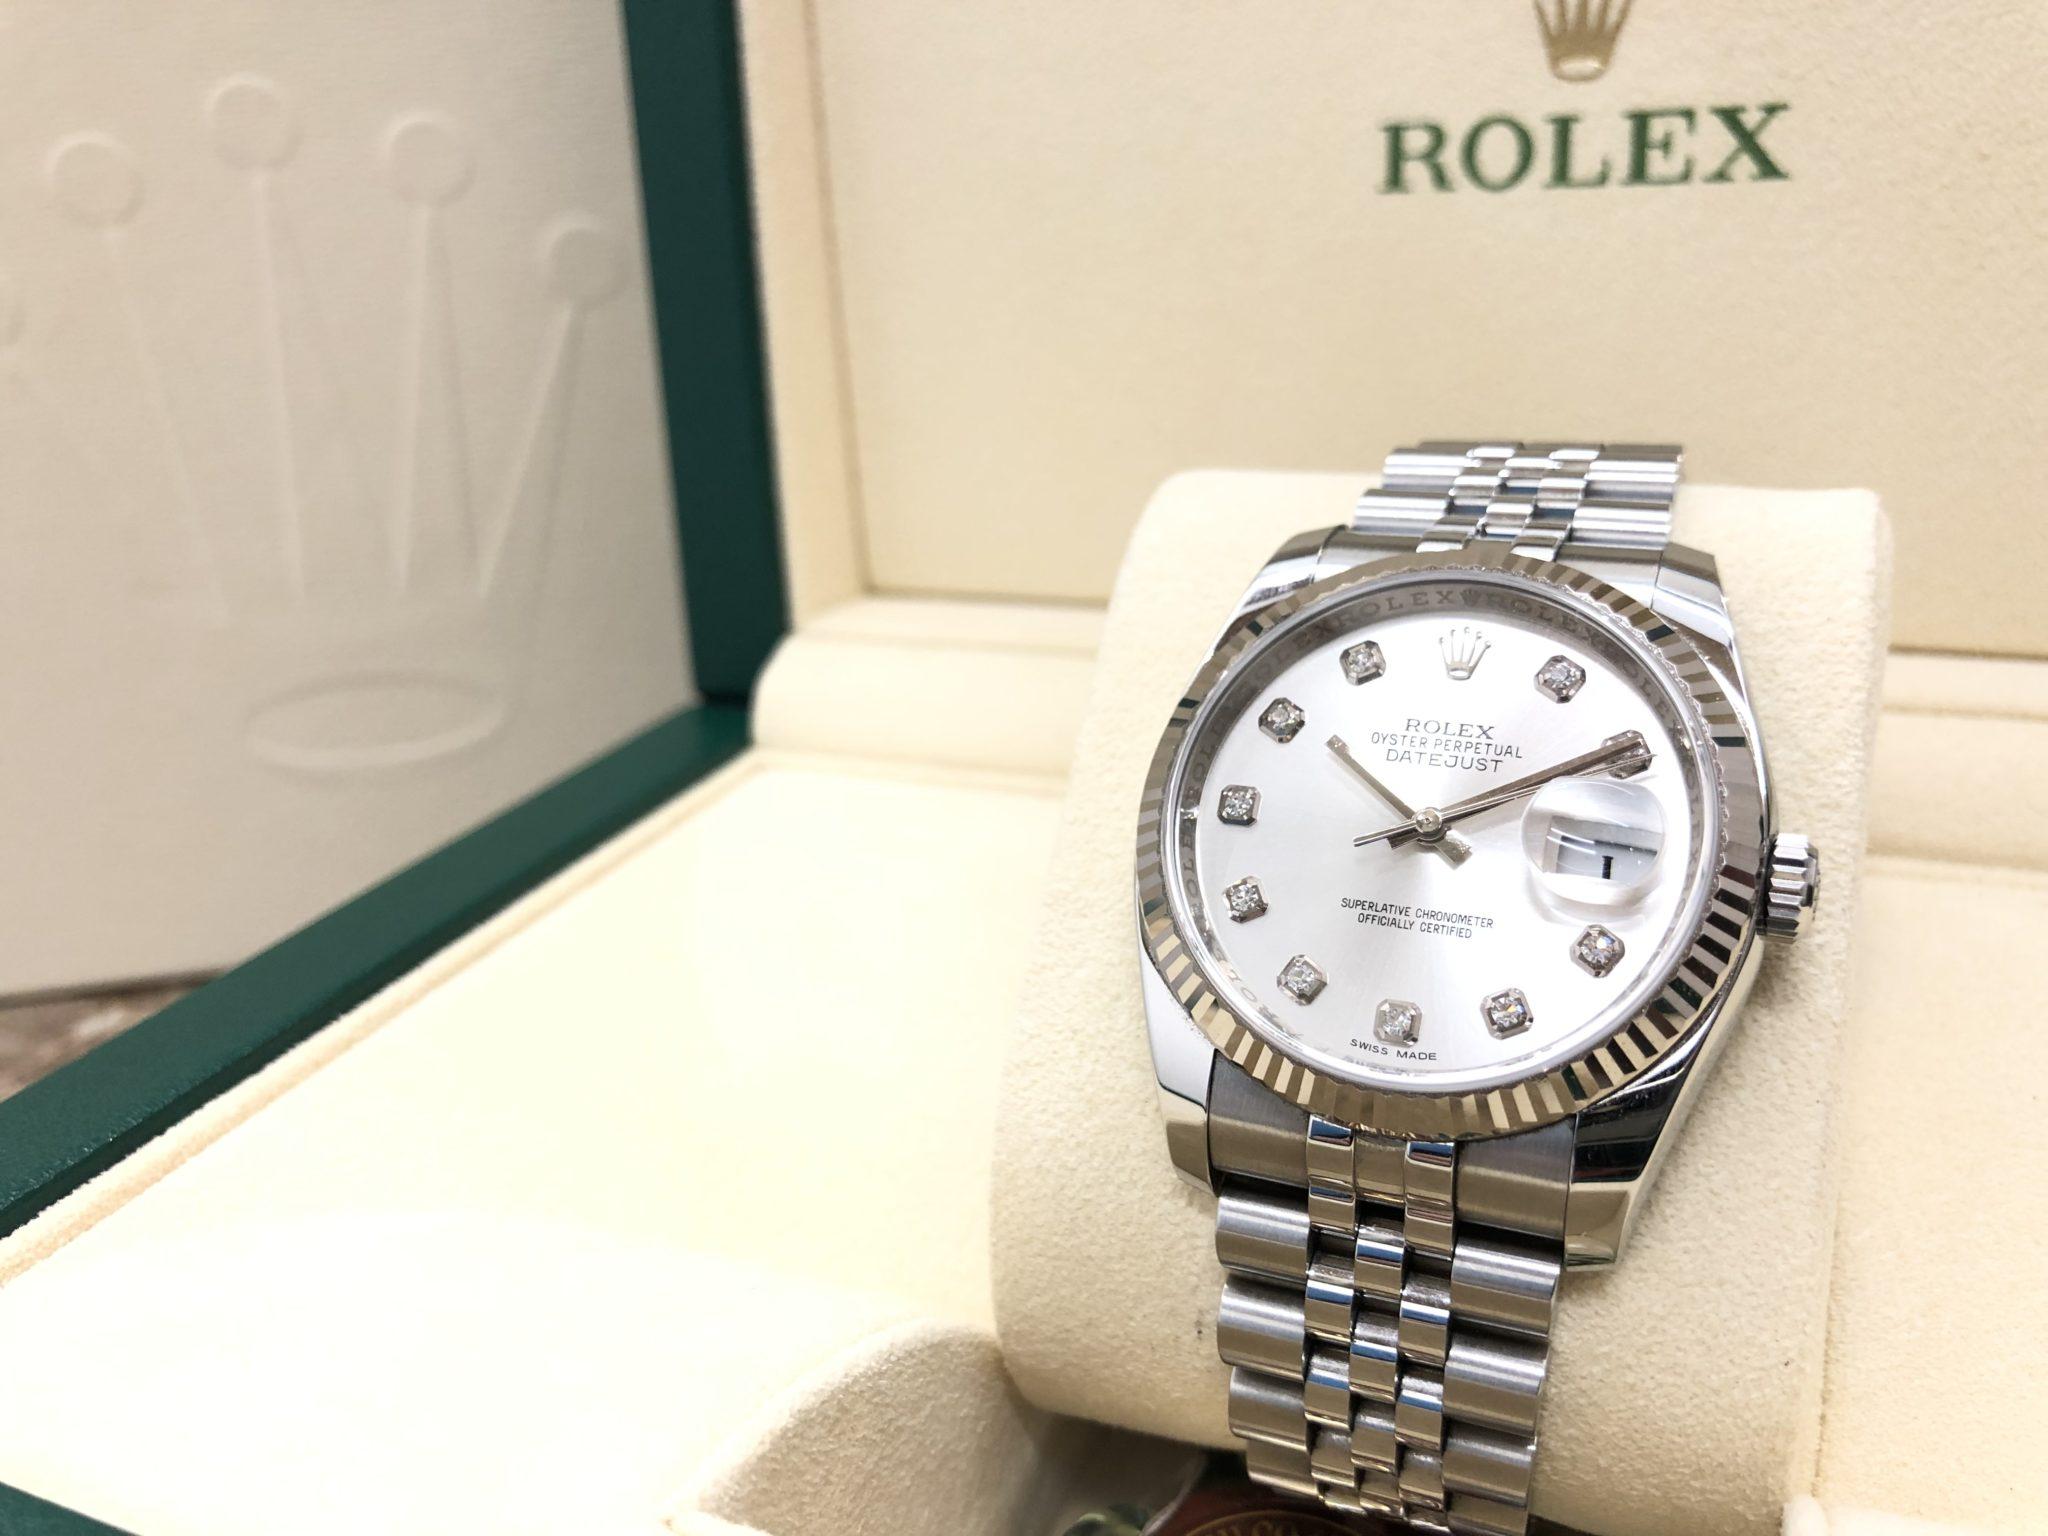 【ROLEX ロレックス デイトジャスト 116234G ランダム番】を盛岡市のお客様より買取させていただきました!